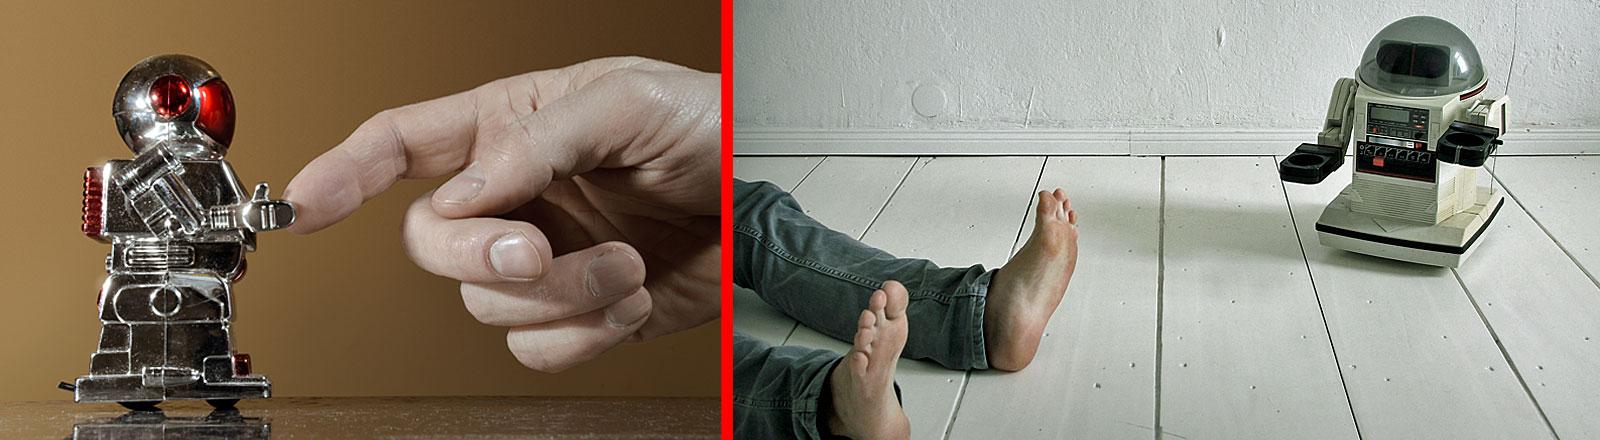 Finger einer Hand berührt Miniroboter | Beine und Füße auf dem Boden, kleiner Roboter daneben